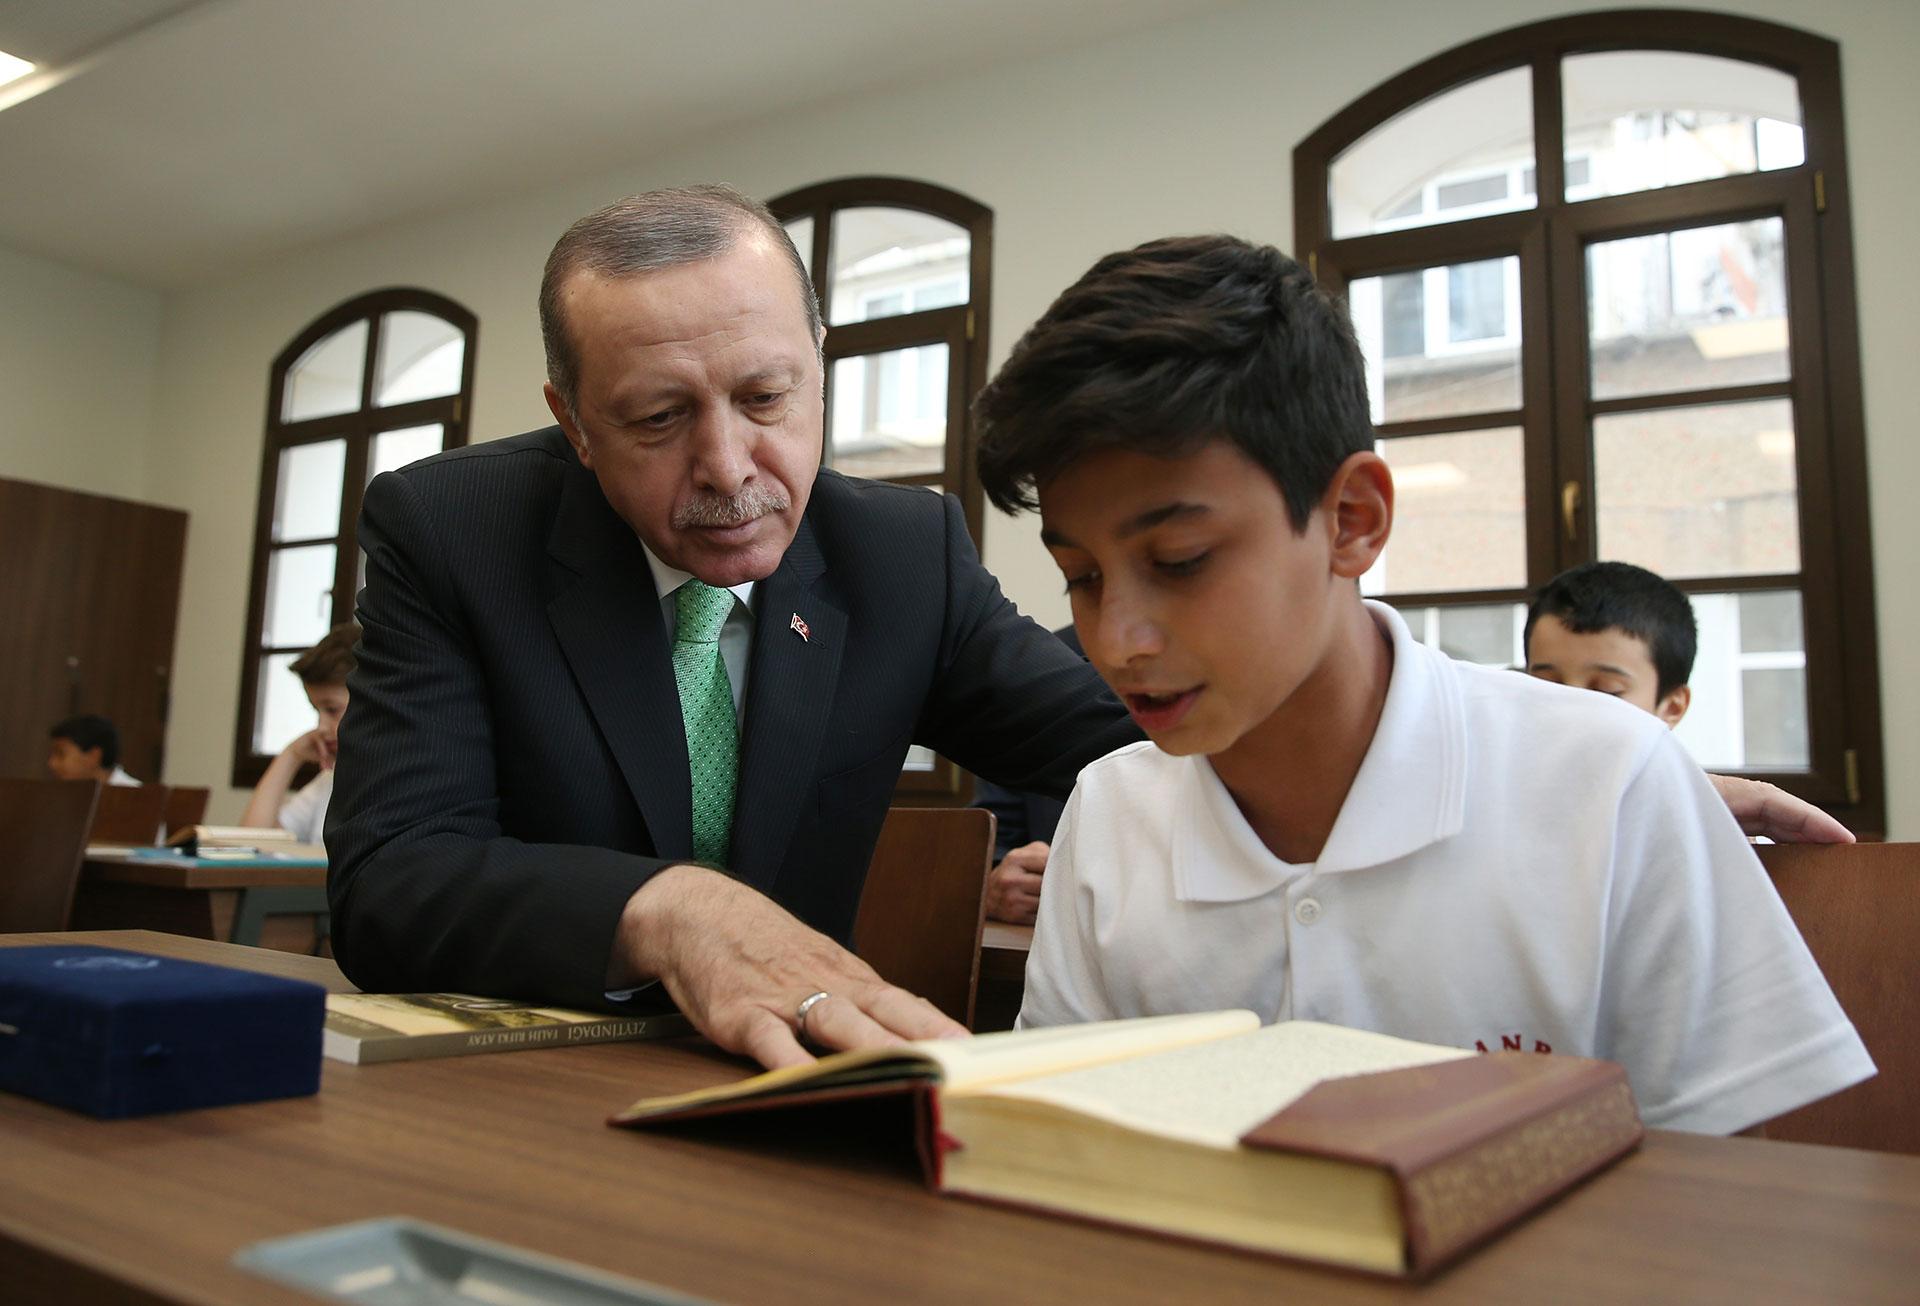 Islamic schooling in Turkey